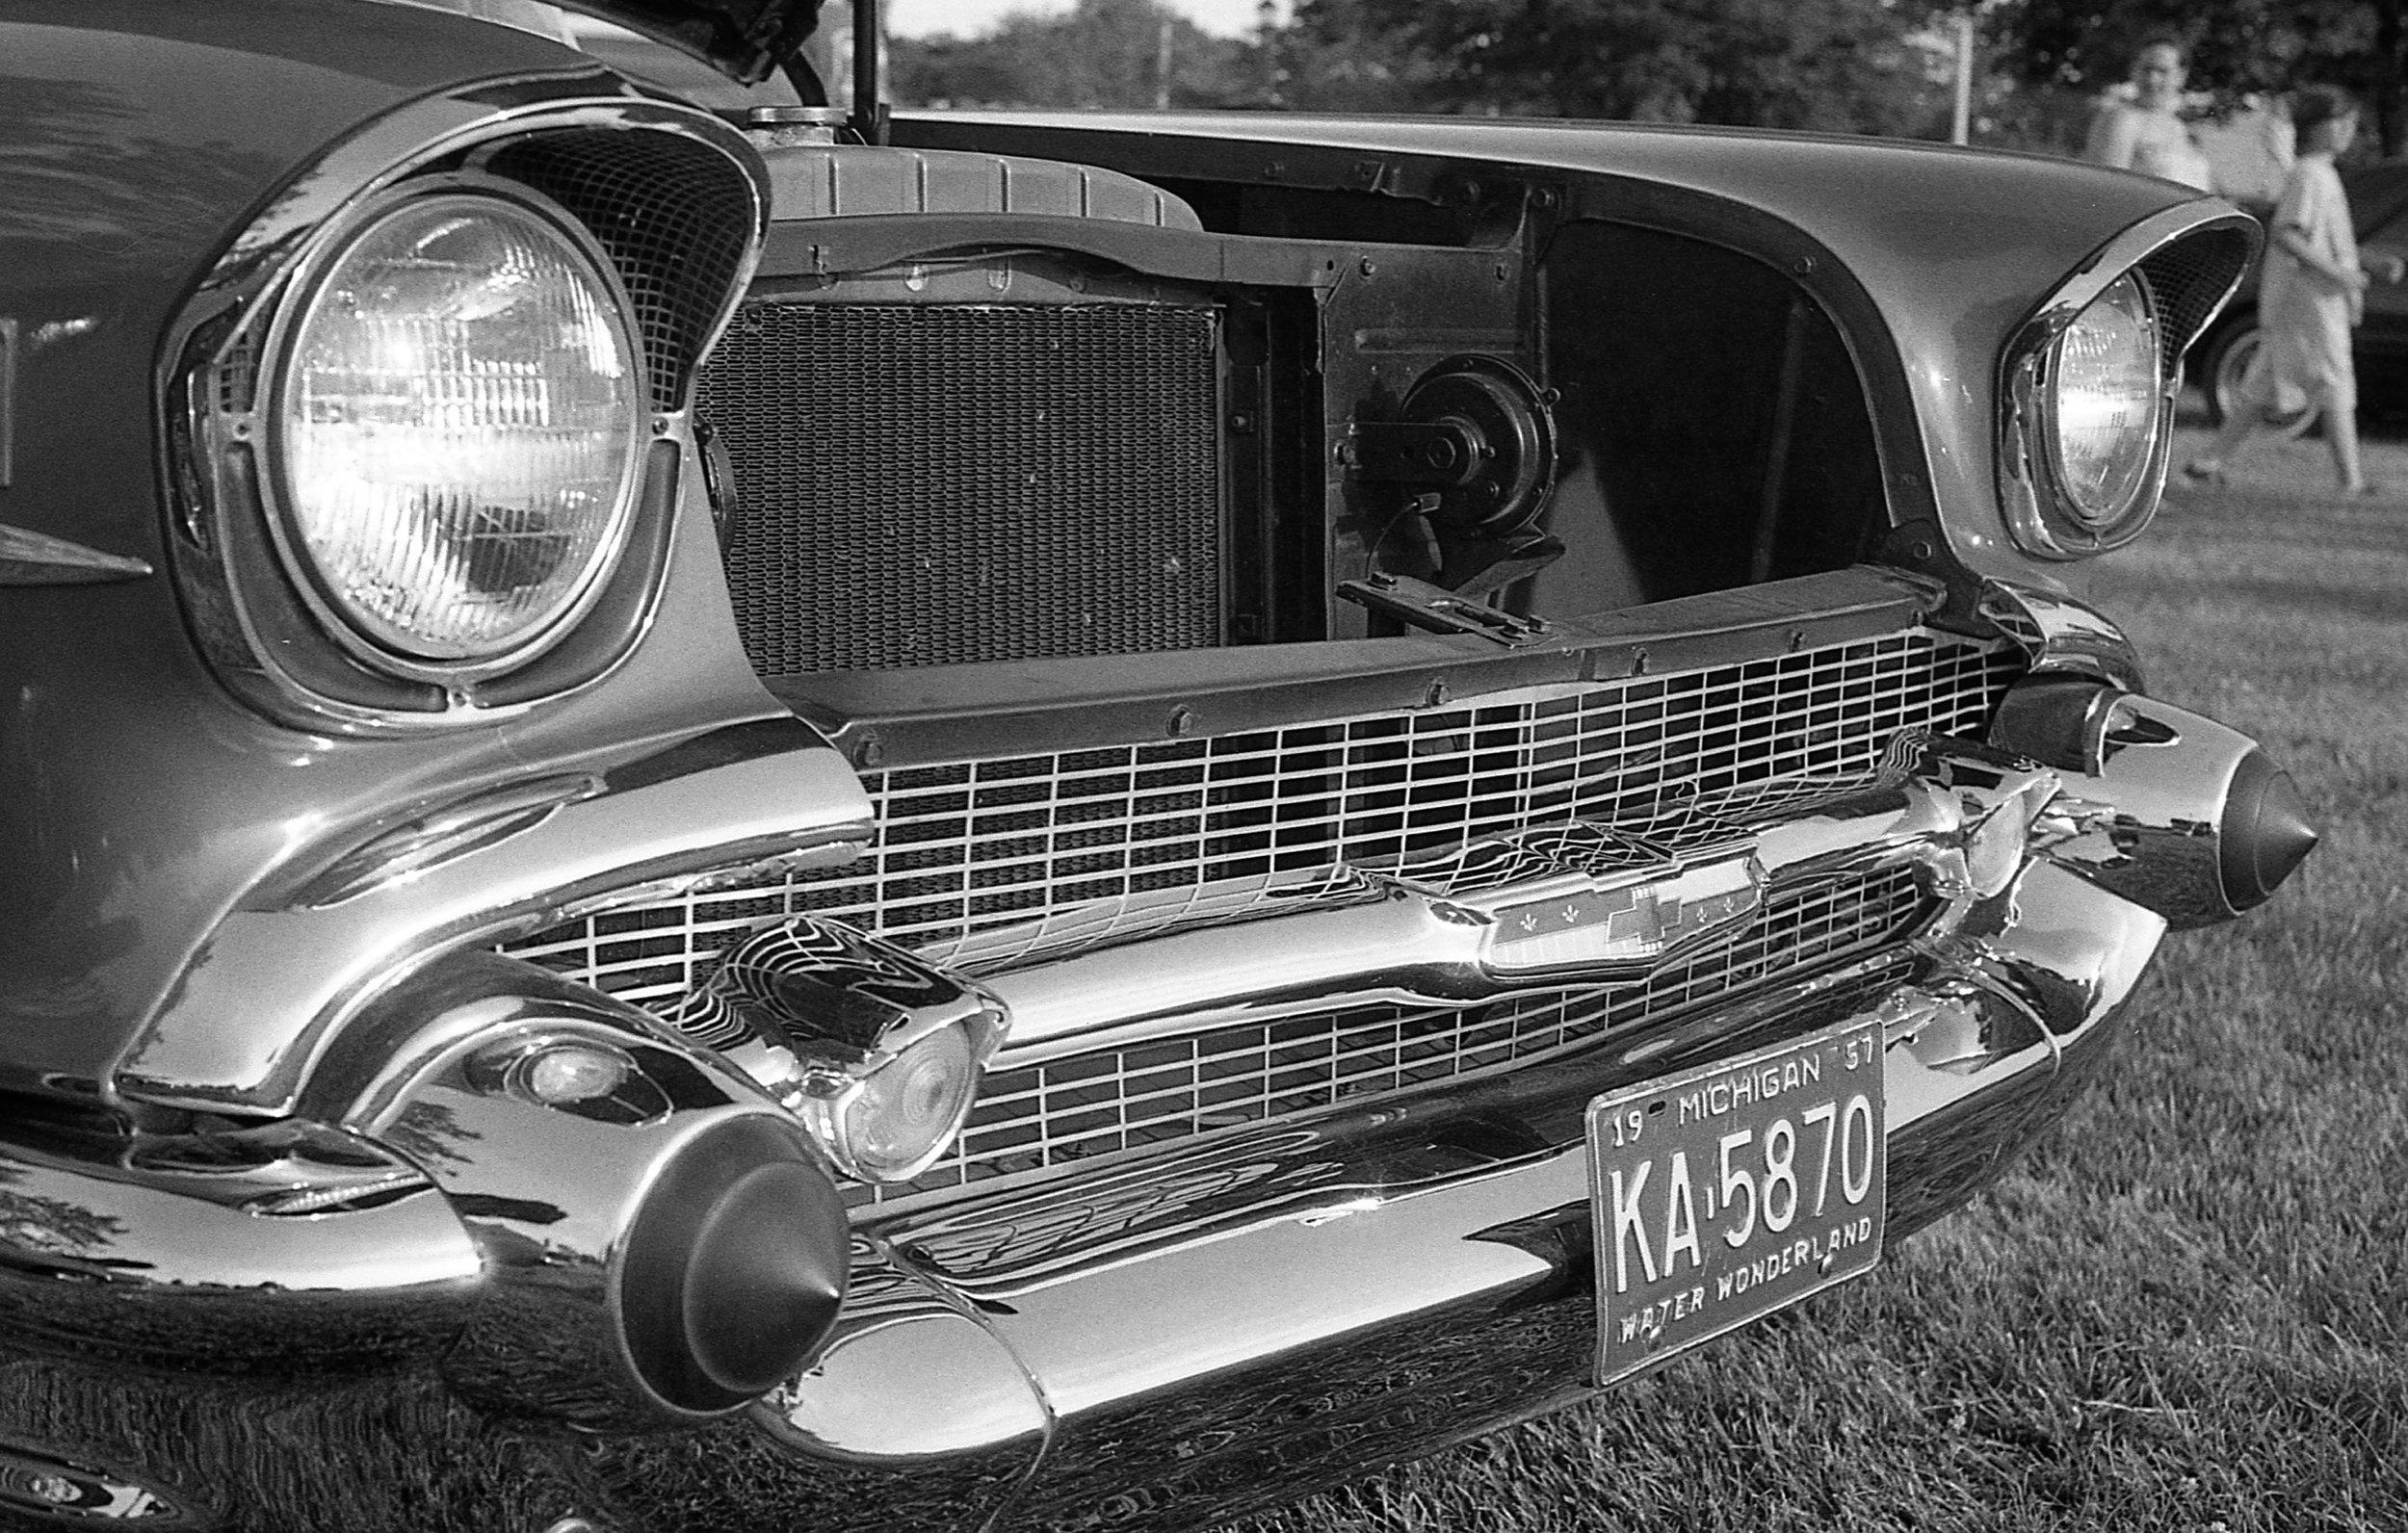 1981 Minolta X-700 Photo 35mm Film Zoe Kissel Riverview Summerfest Cars